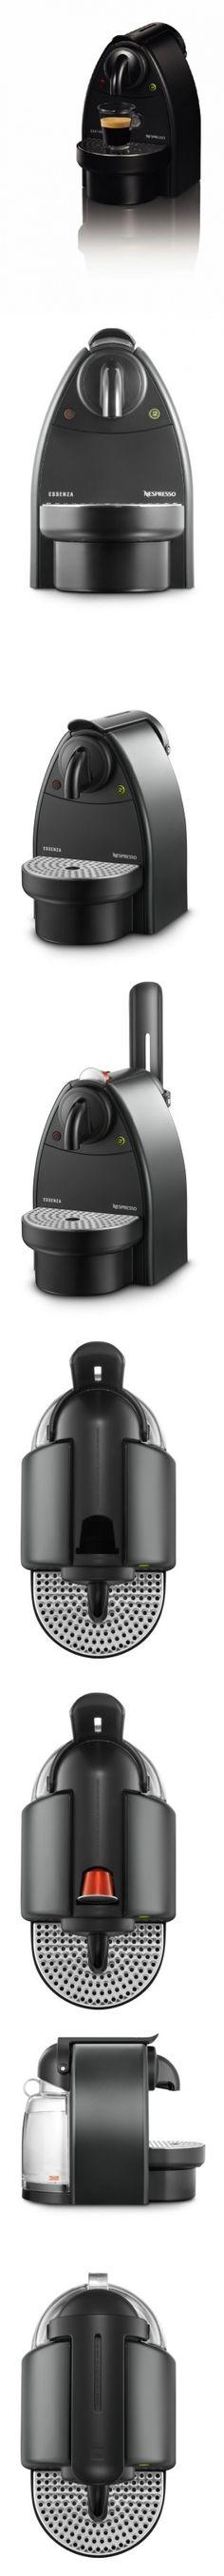 Nespresso D90/S1 Essenza Single-Serve Manual Espresso Machine ...